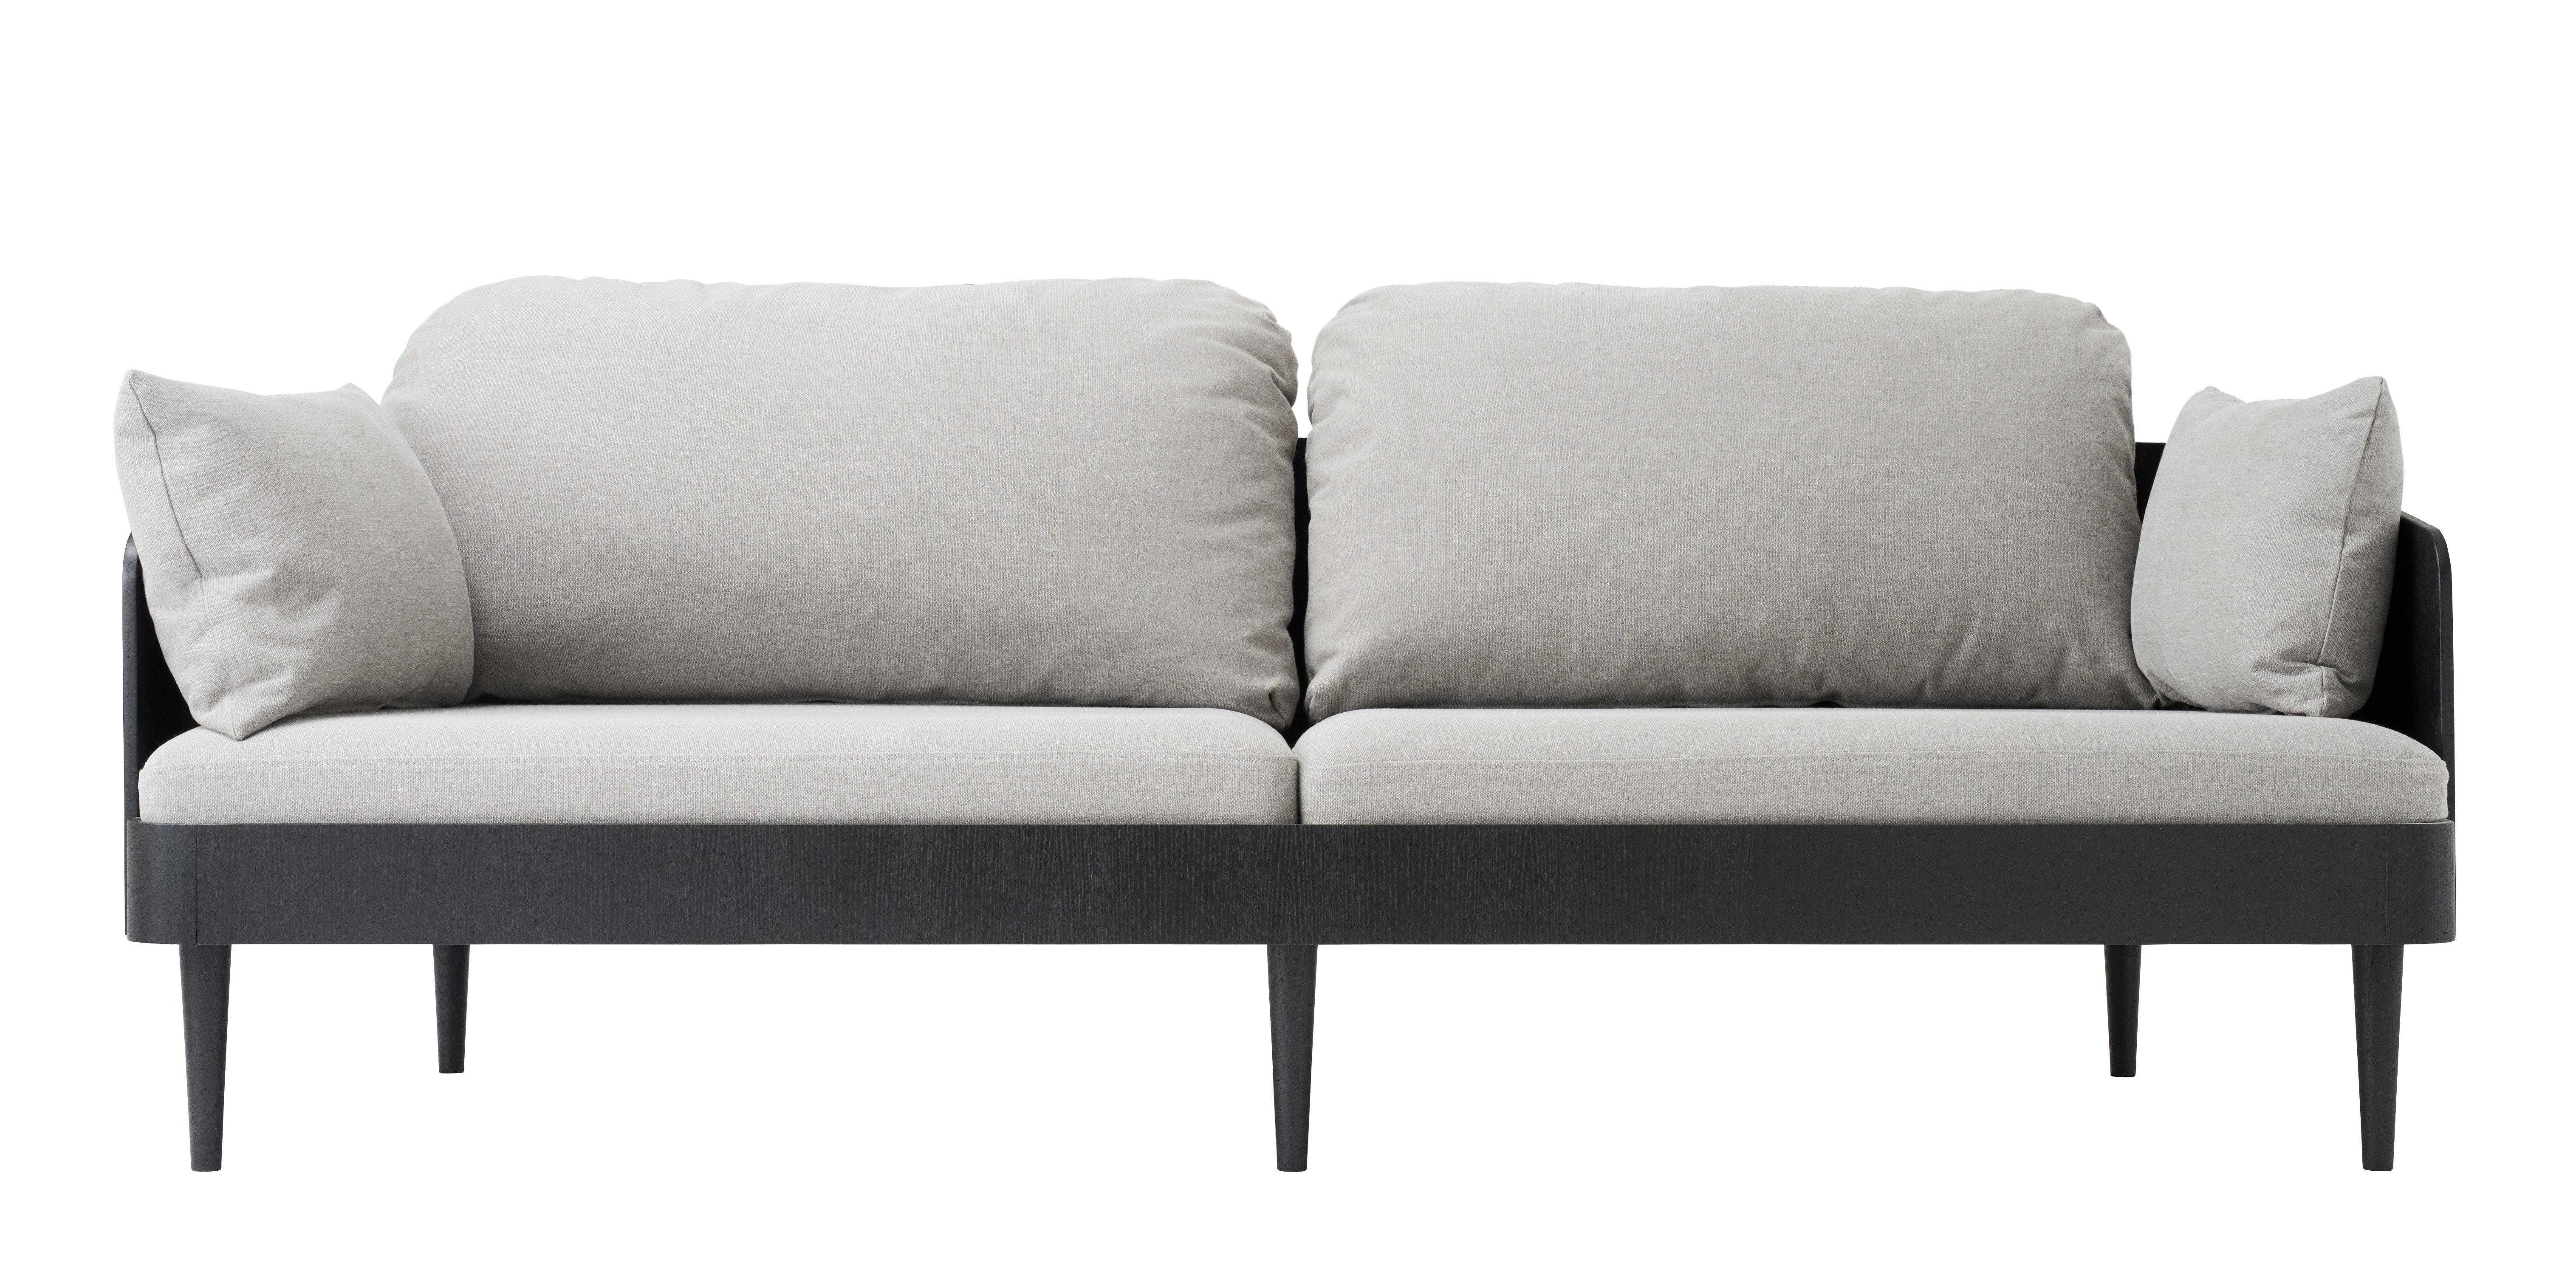 Mobilier - Canapés - Canapé droit Septembre / Tissu - 3 places L 198 cm - Menu - Tissu gris clair / Noir - Coton, Mousse, Placage de frêne teinté